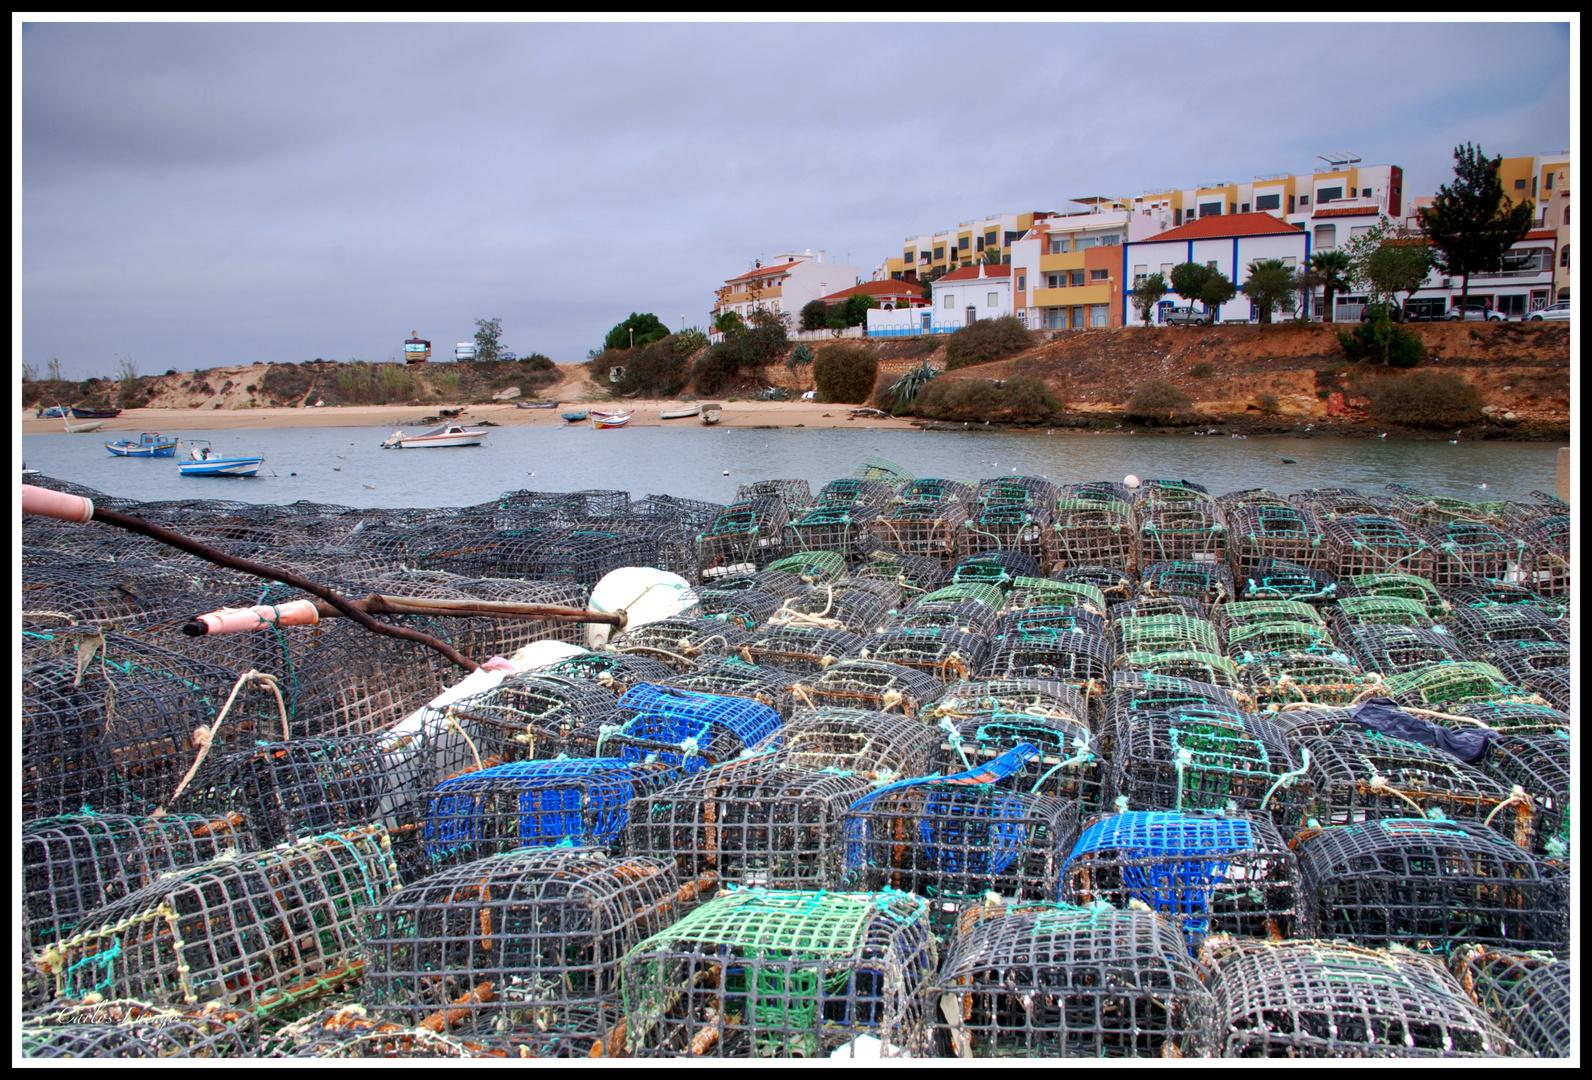 Jaulas de pesca